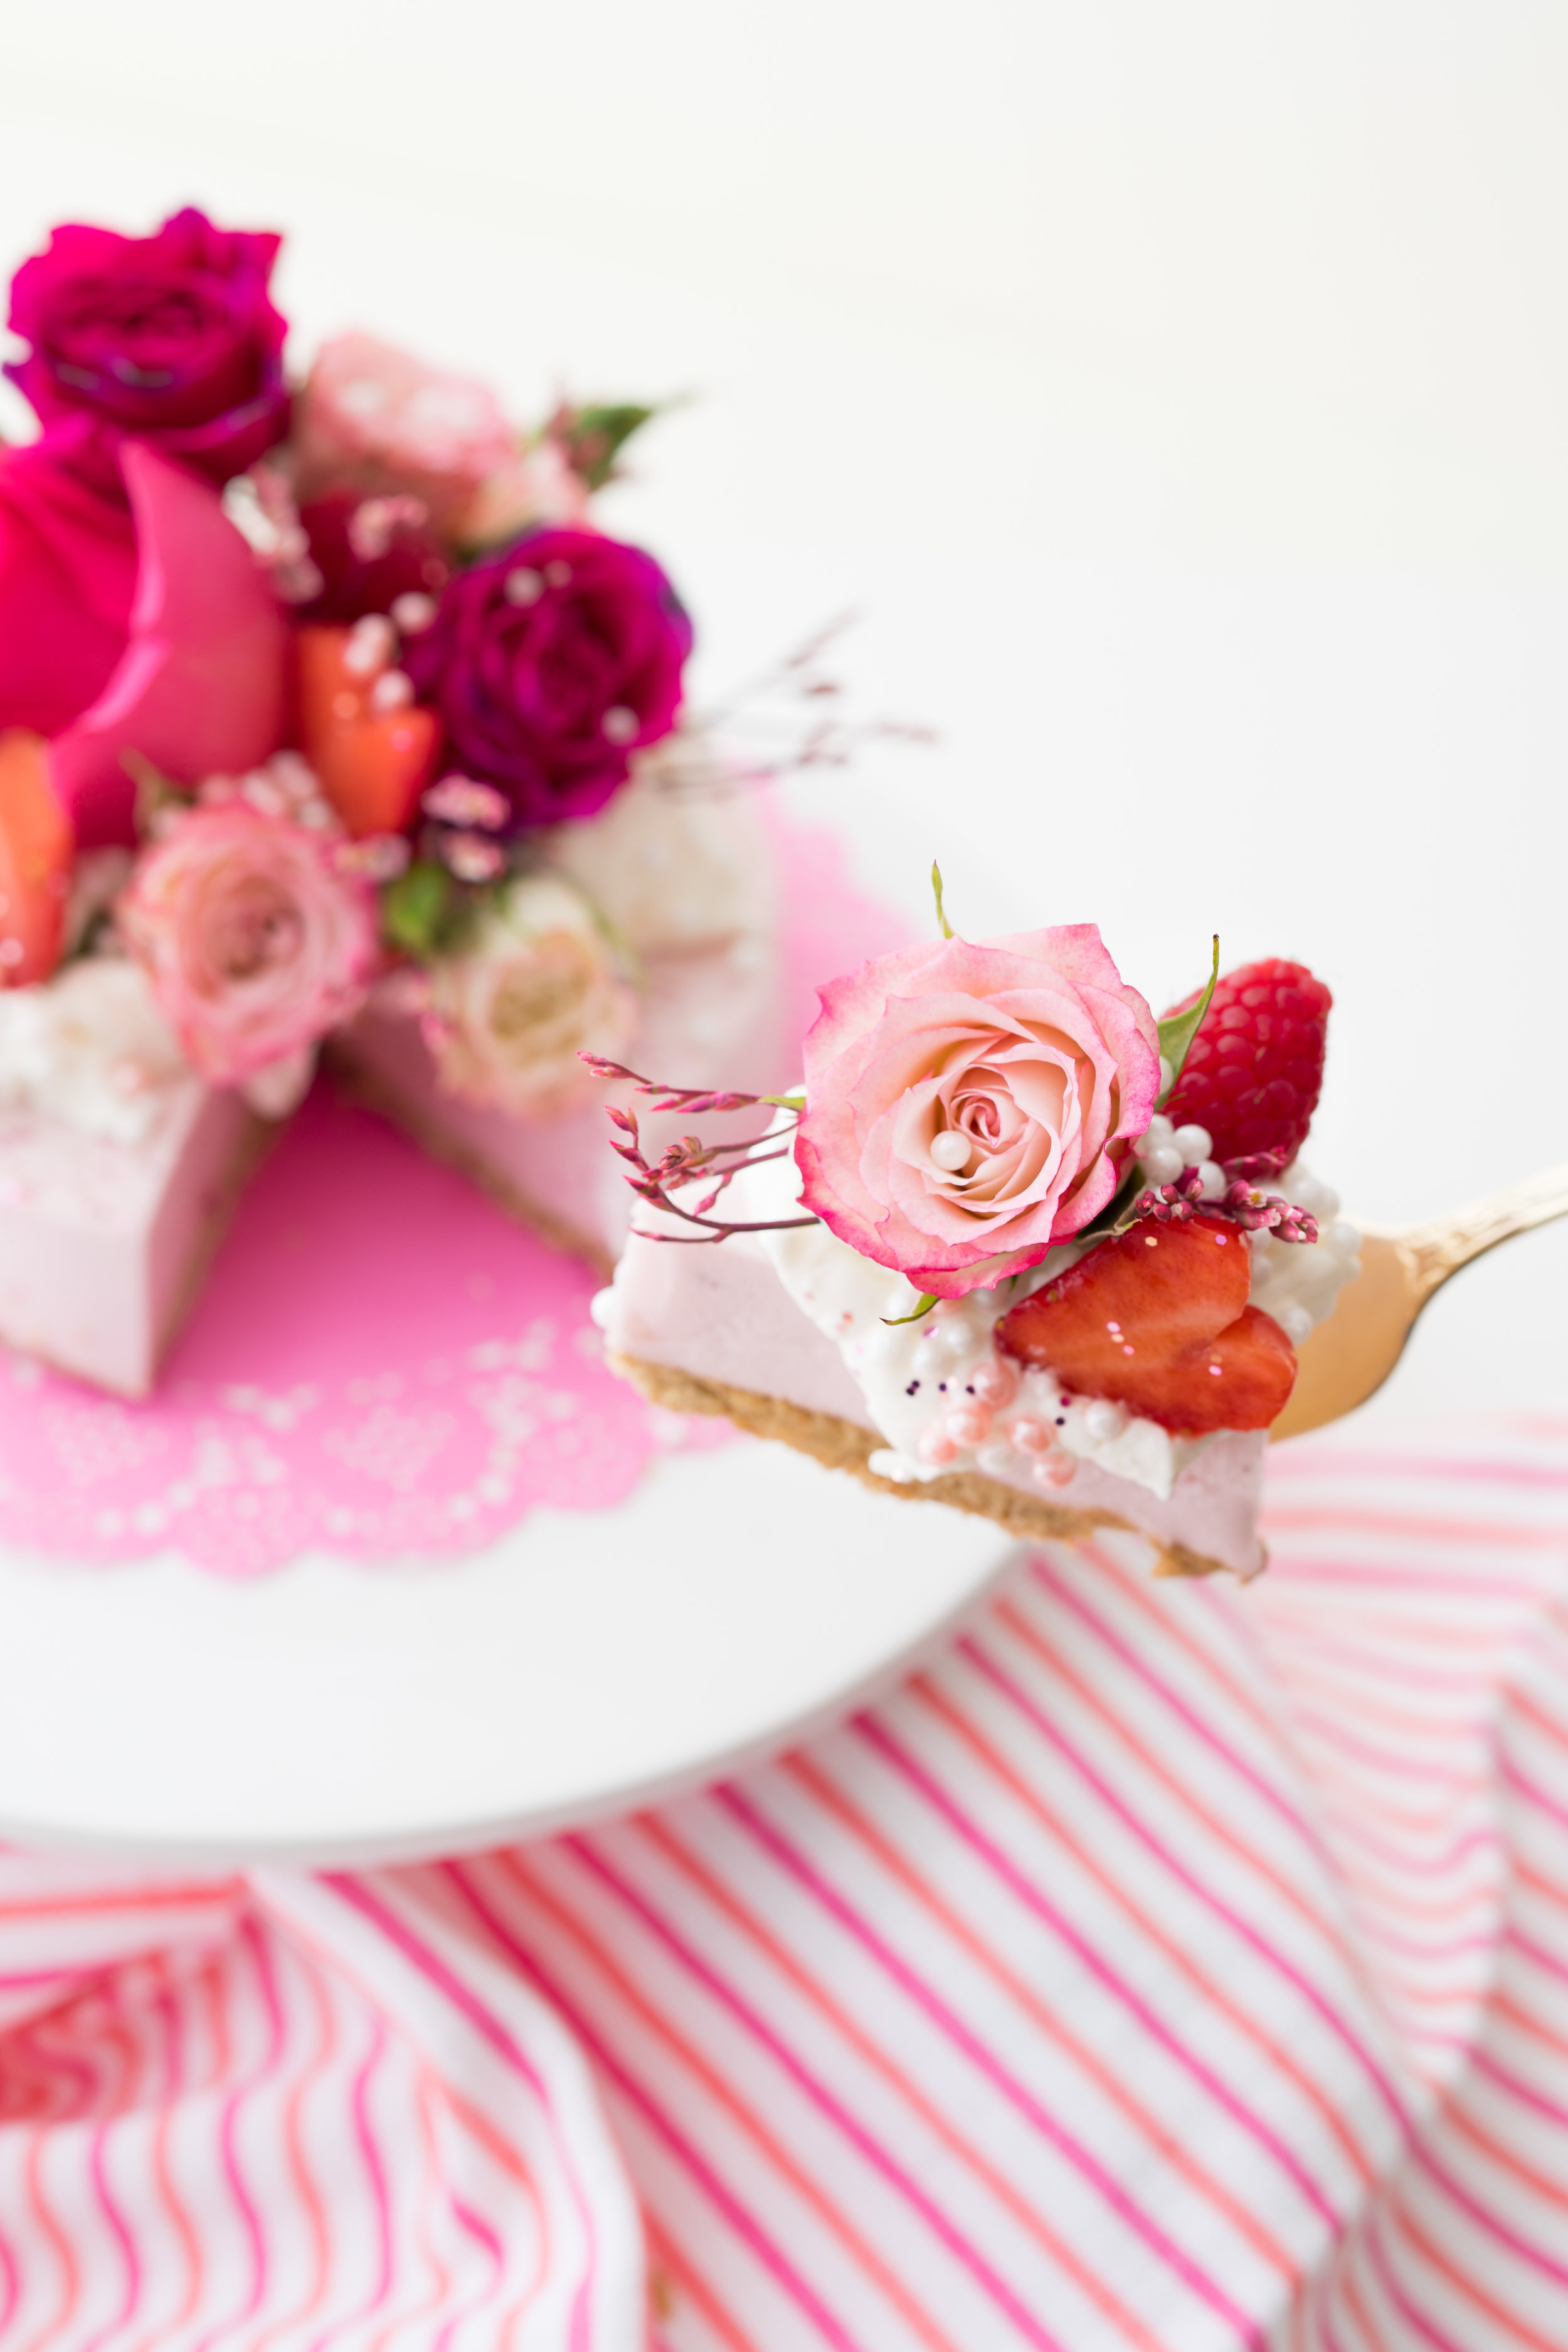 No Bake Strawberry Cheesecake 3.jpg